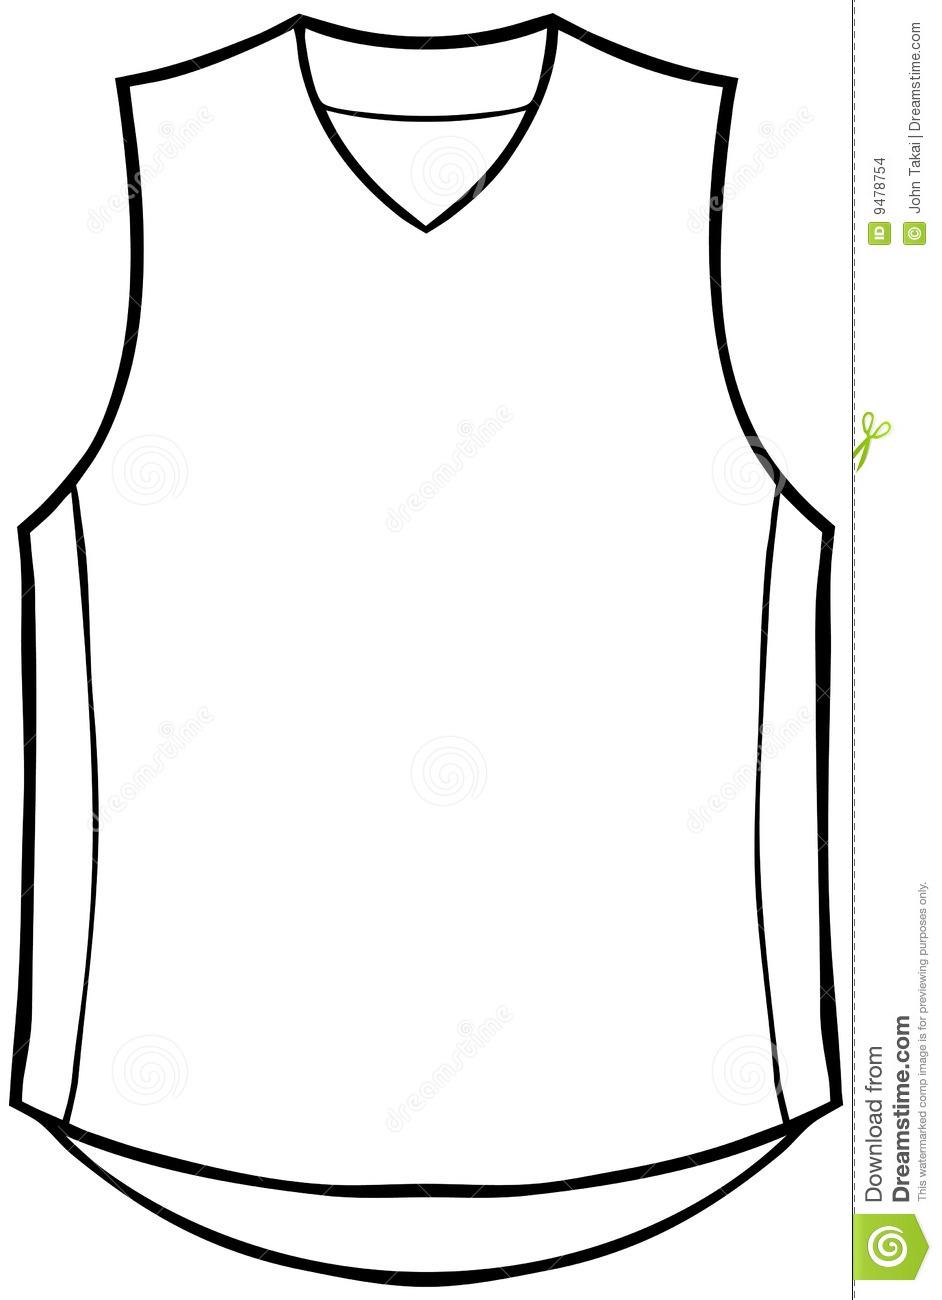 942x1300 Softball Jersey Clipart Amp Softball Jersey Clip Art Images